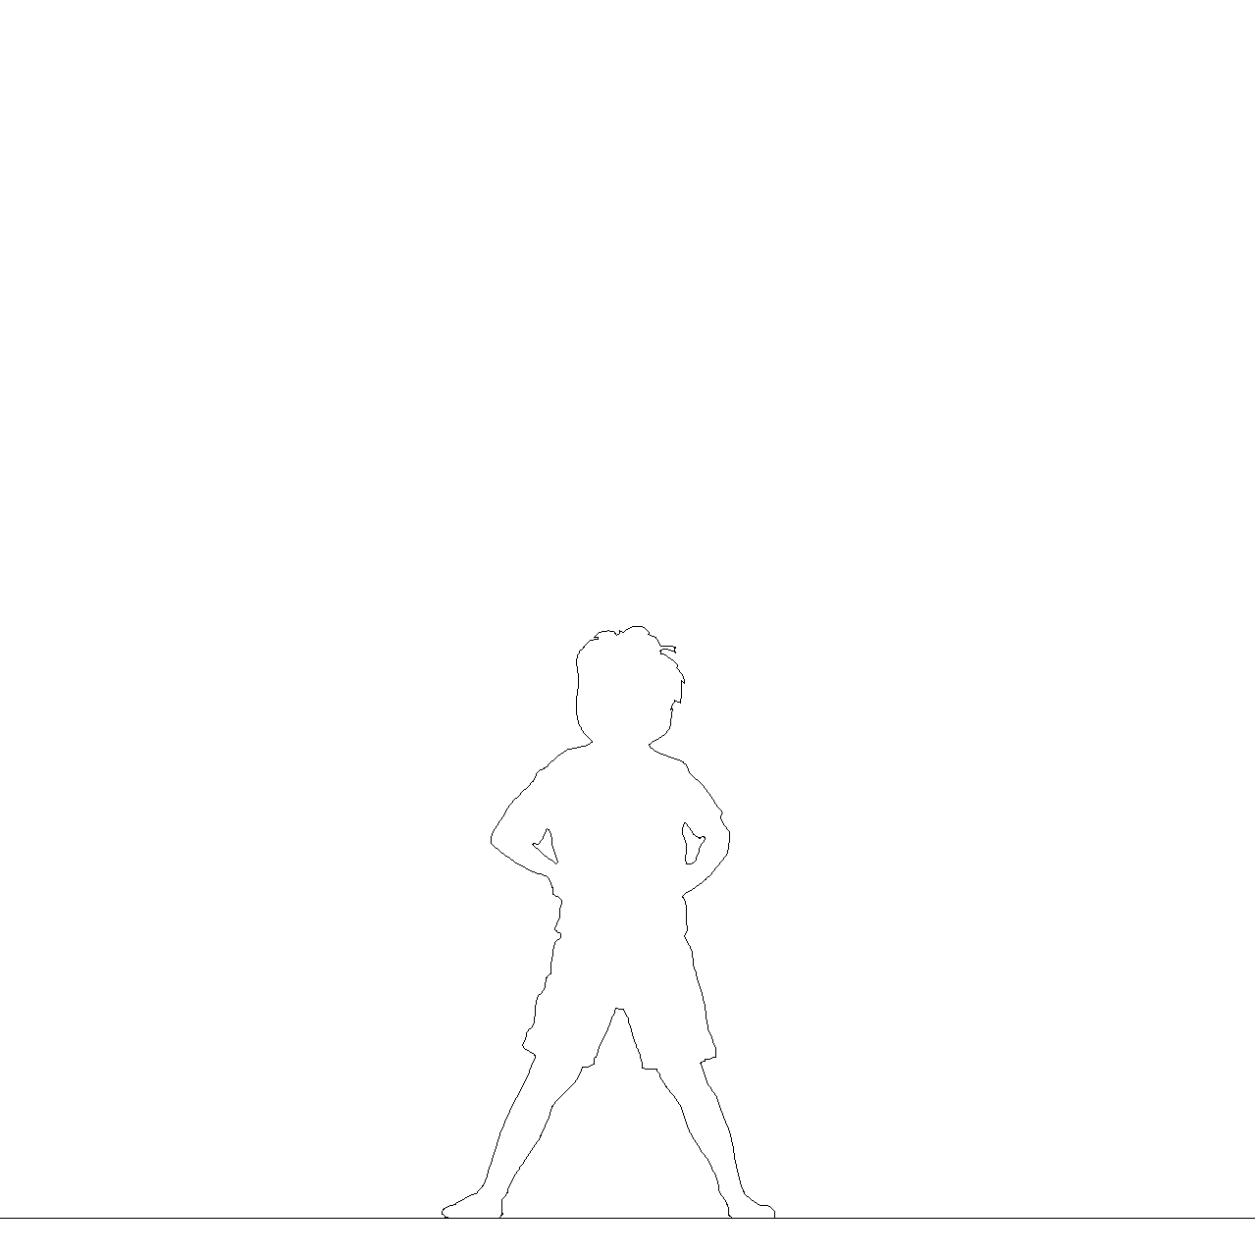 仁王立ちする 男の子の2DCAD部品丨シルエット 人間 子供丨無料 商用可能 フリー素材 フリーデータ AUTOCAD DWG DXF